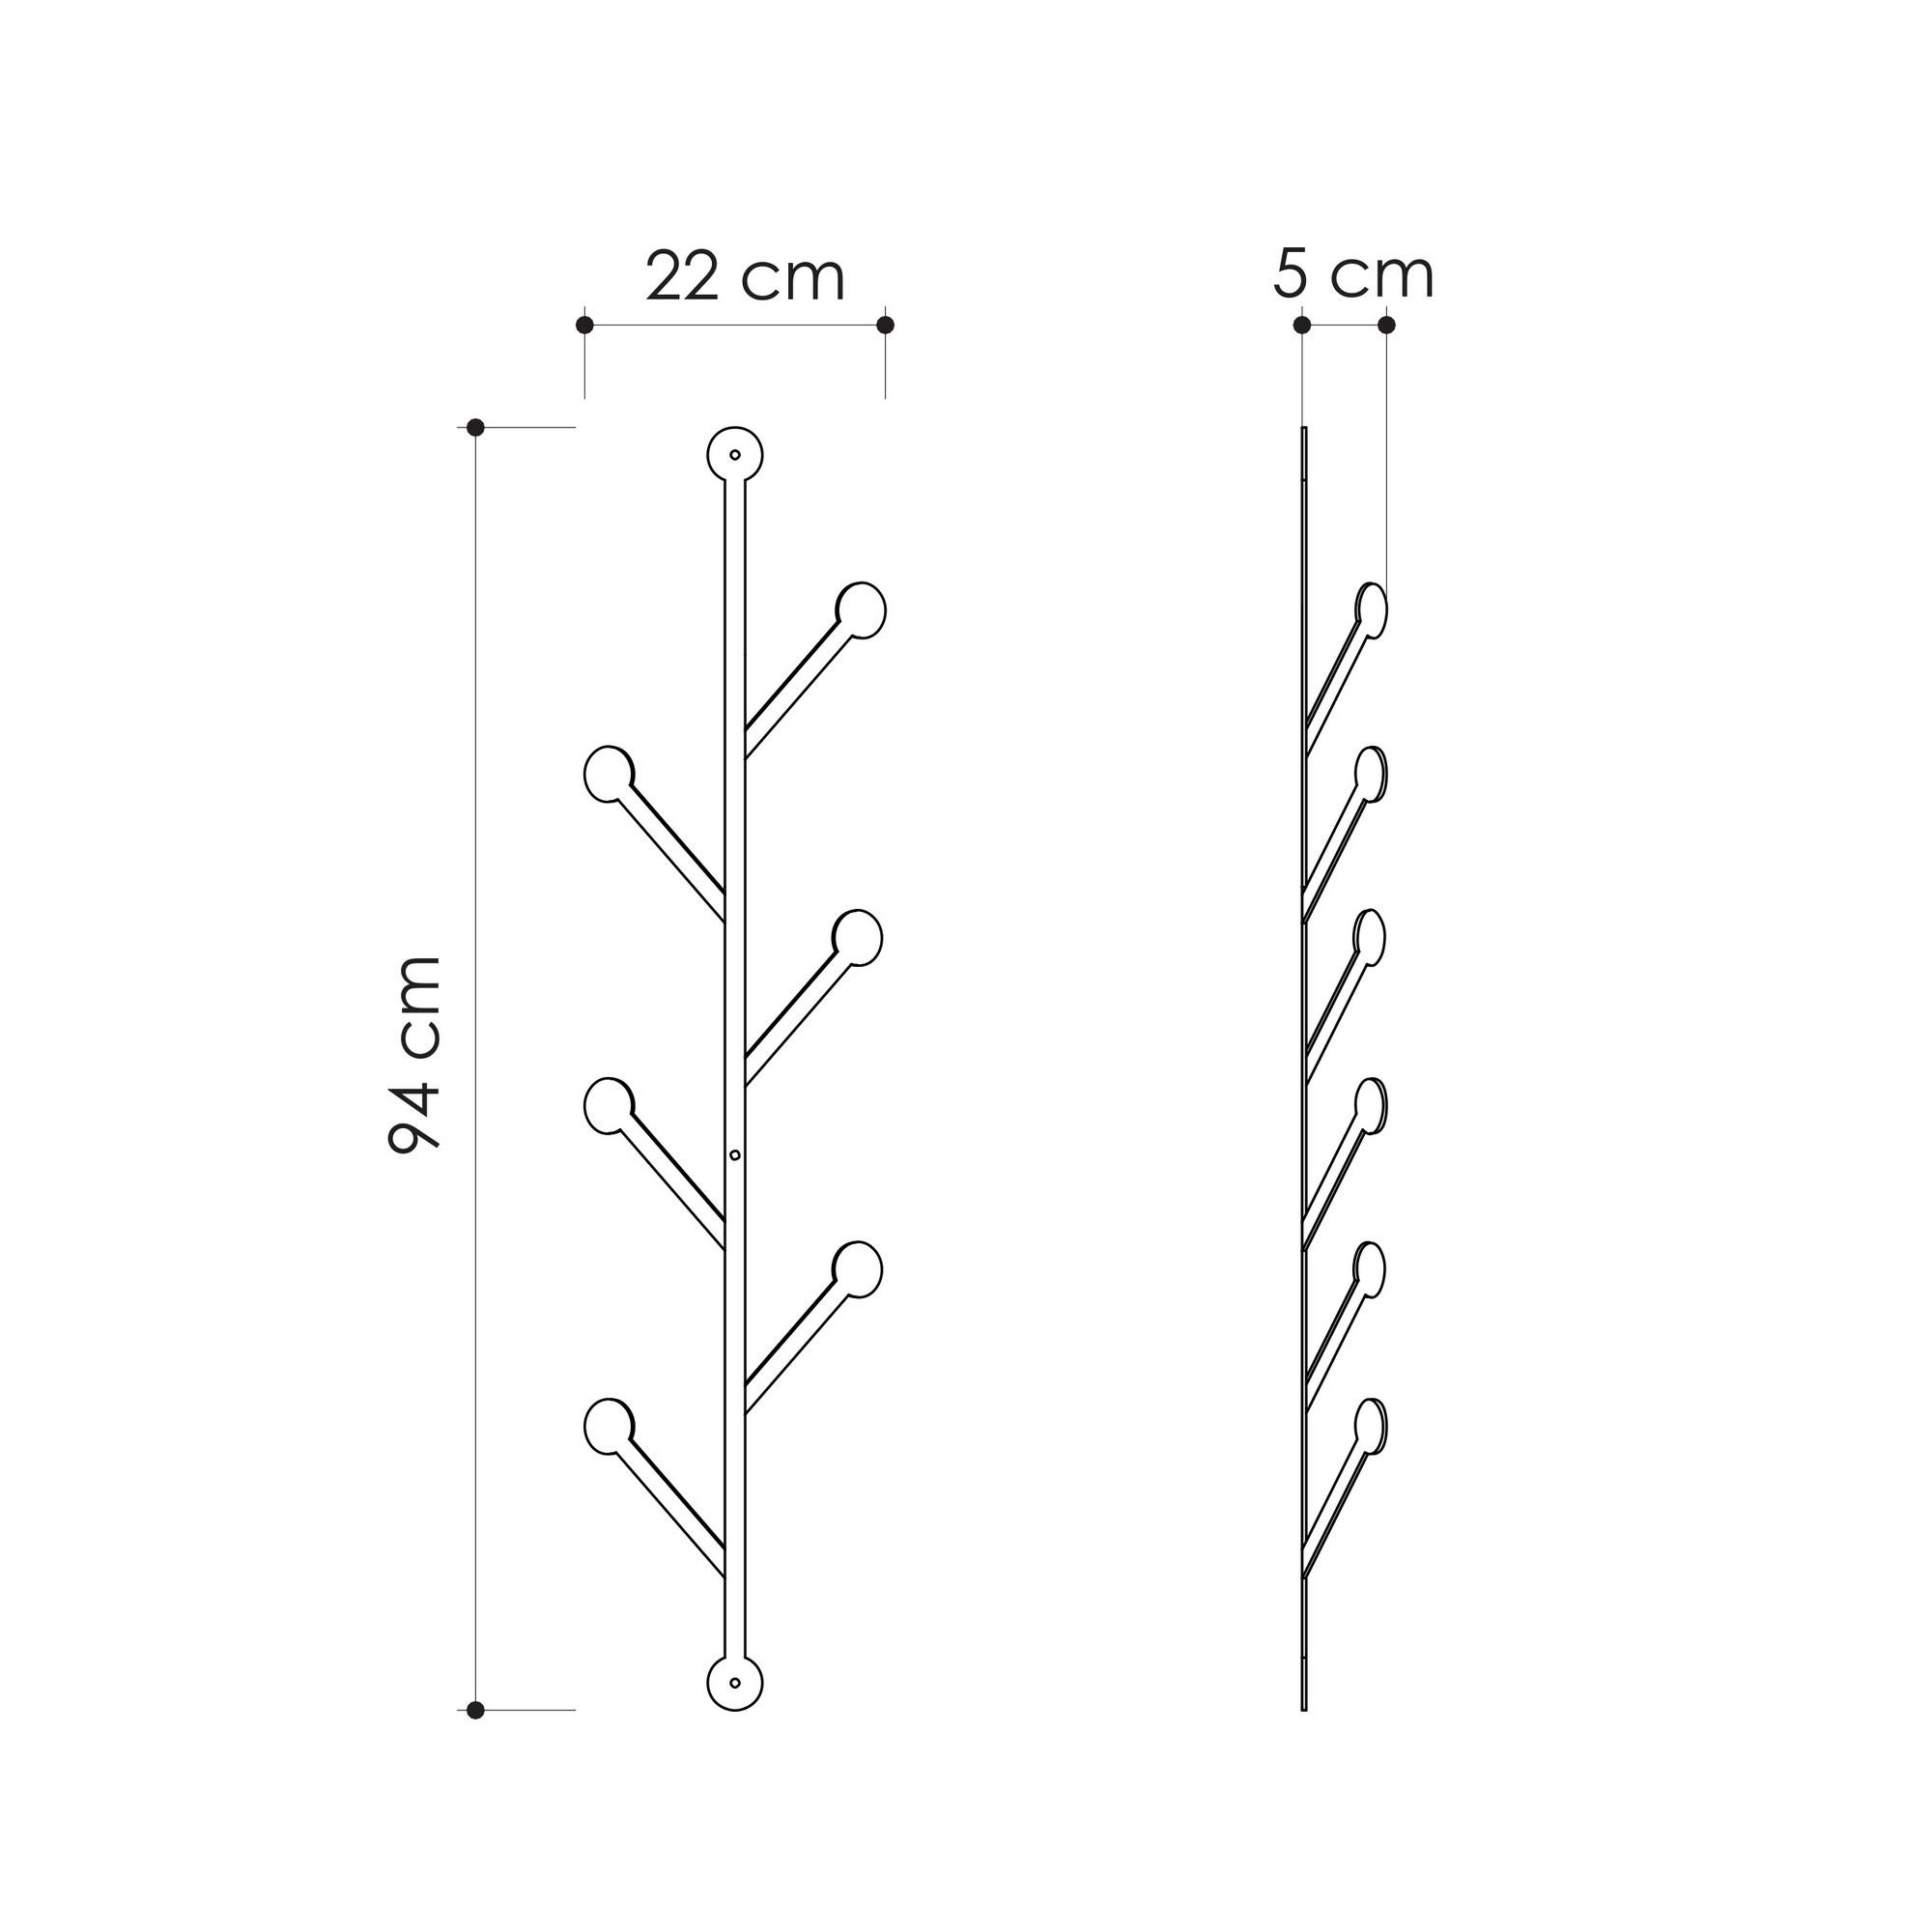 Metallwandhaken Ponpon | Schwarz